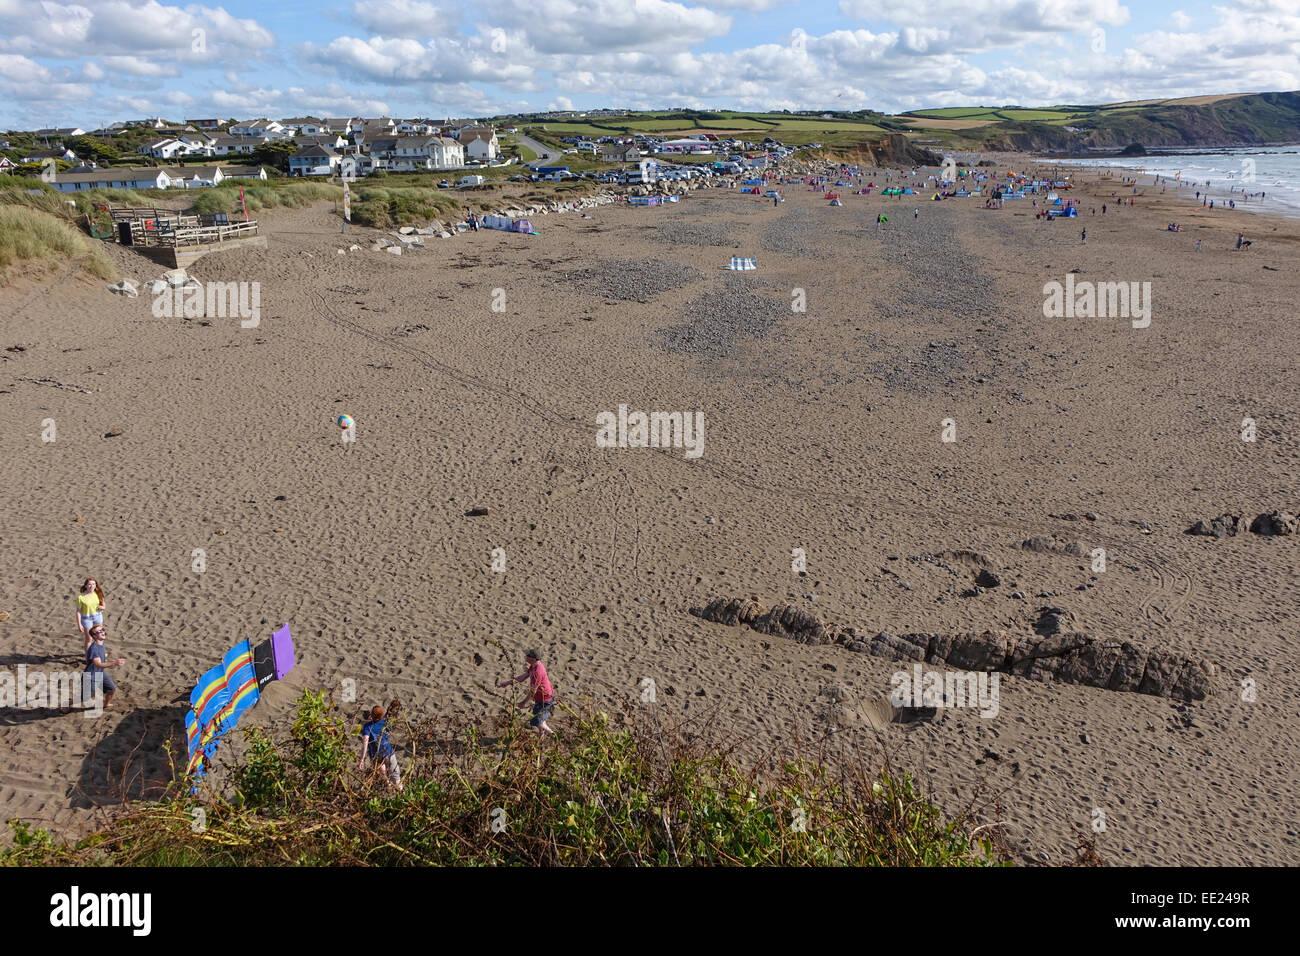 'Crackington Haven' Devon England UK 'United Kingdom' - Stock Image